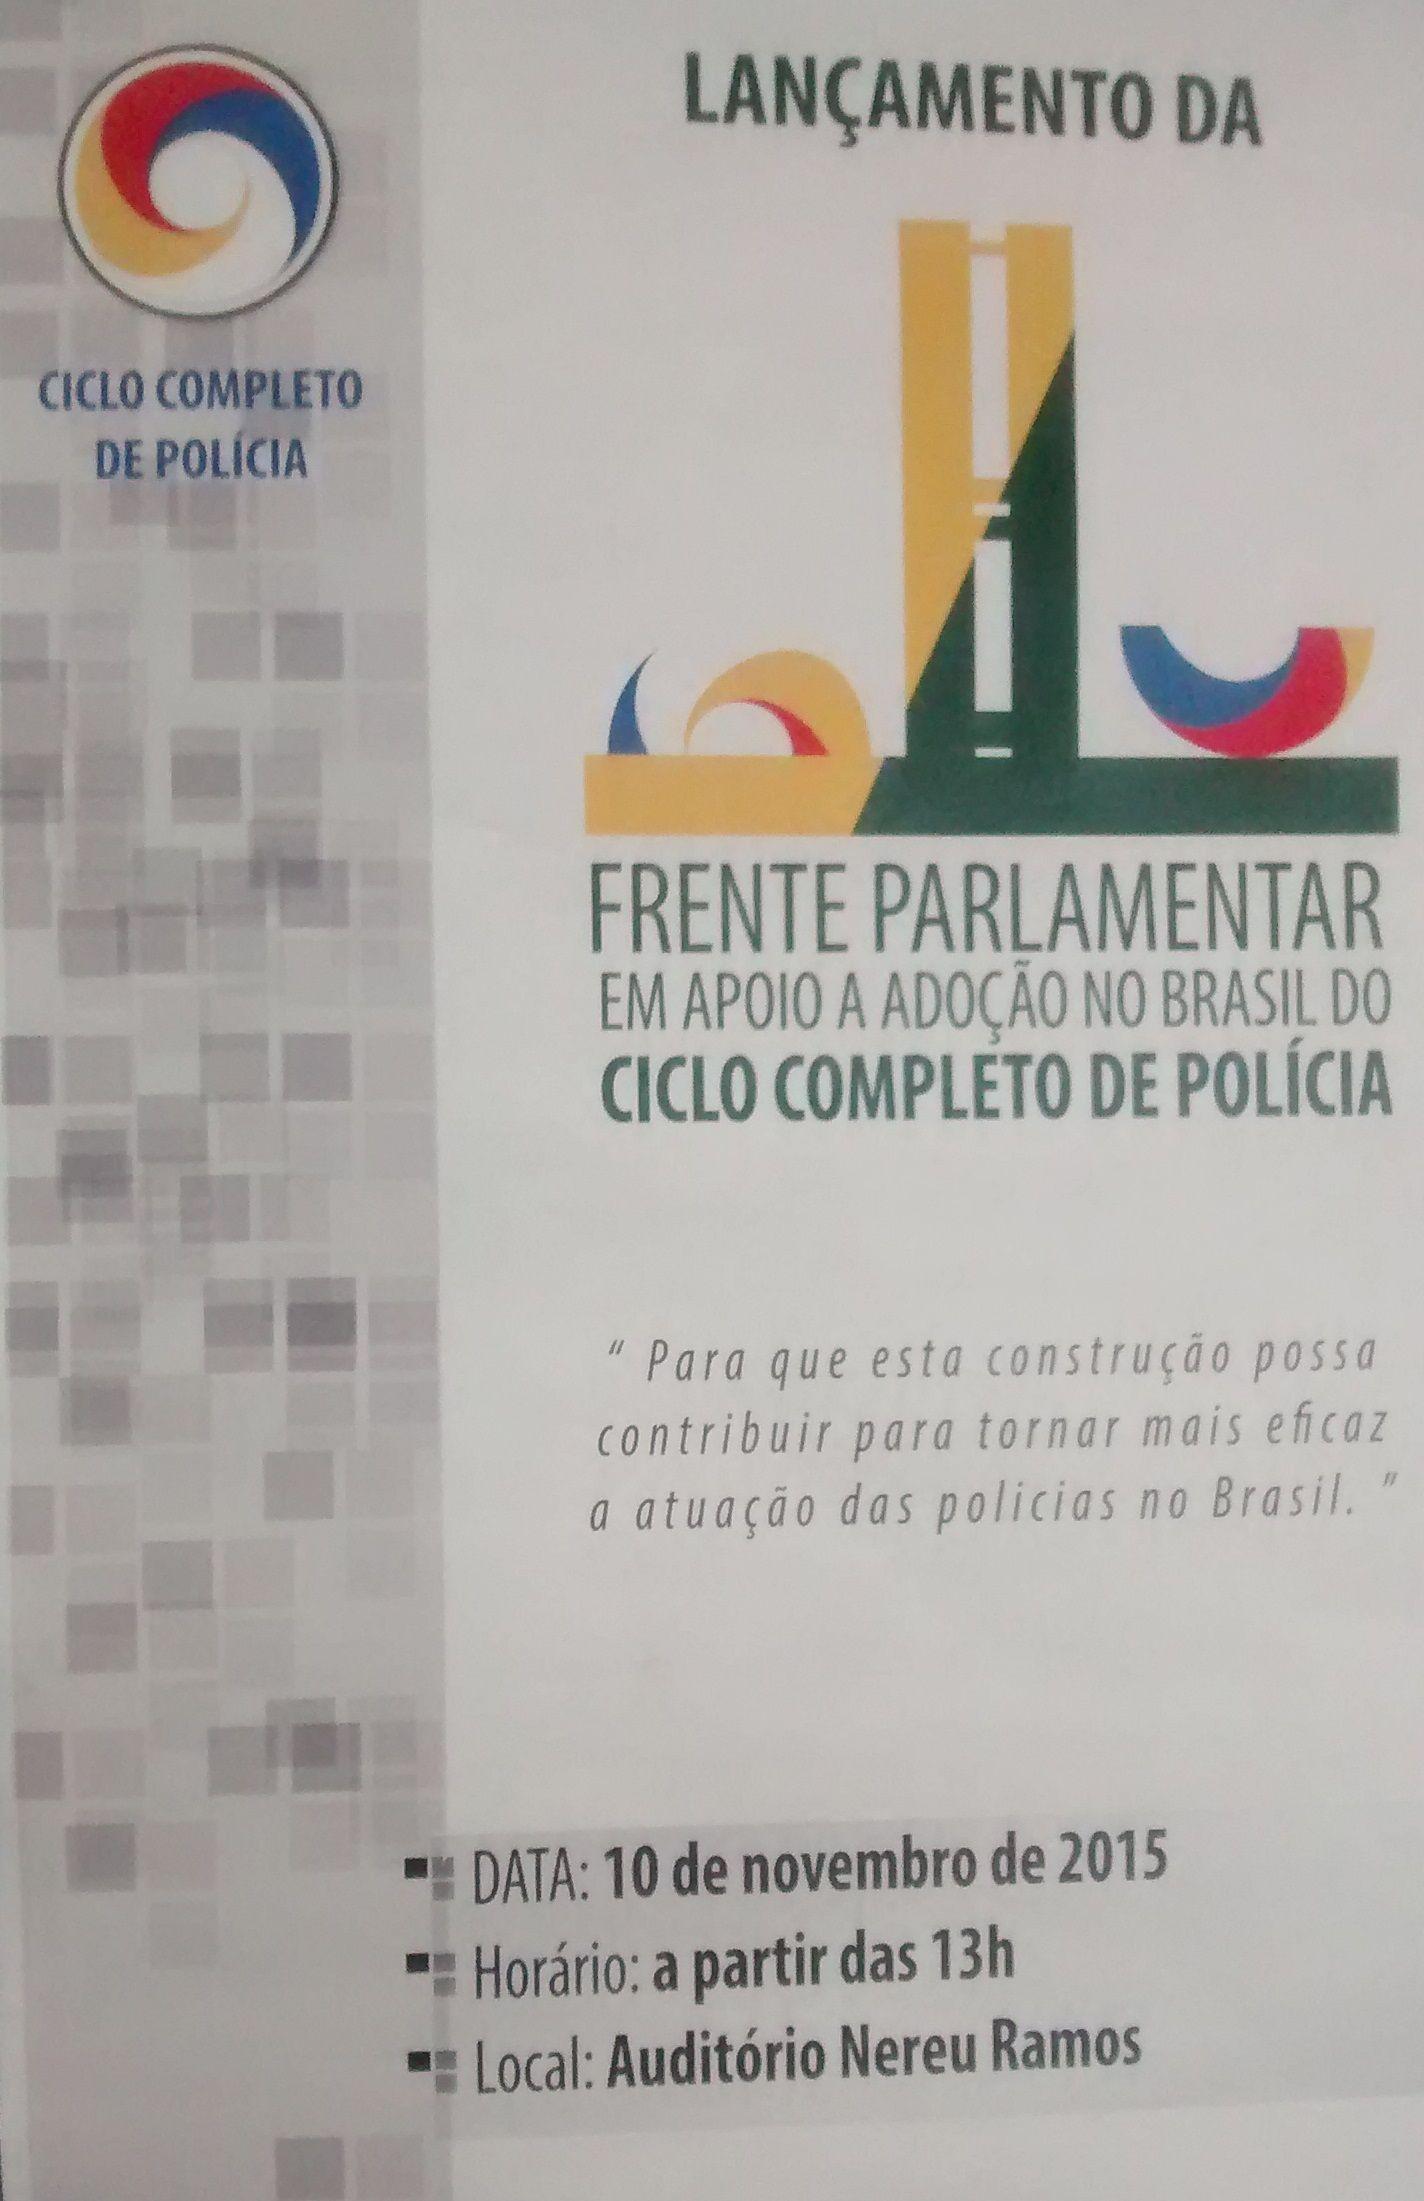 SINDIPOL/DF - CCJC promove debate sobre a adoção no Brasil do Ciclo Completo de Polícia